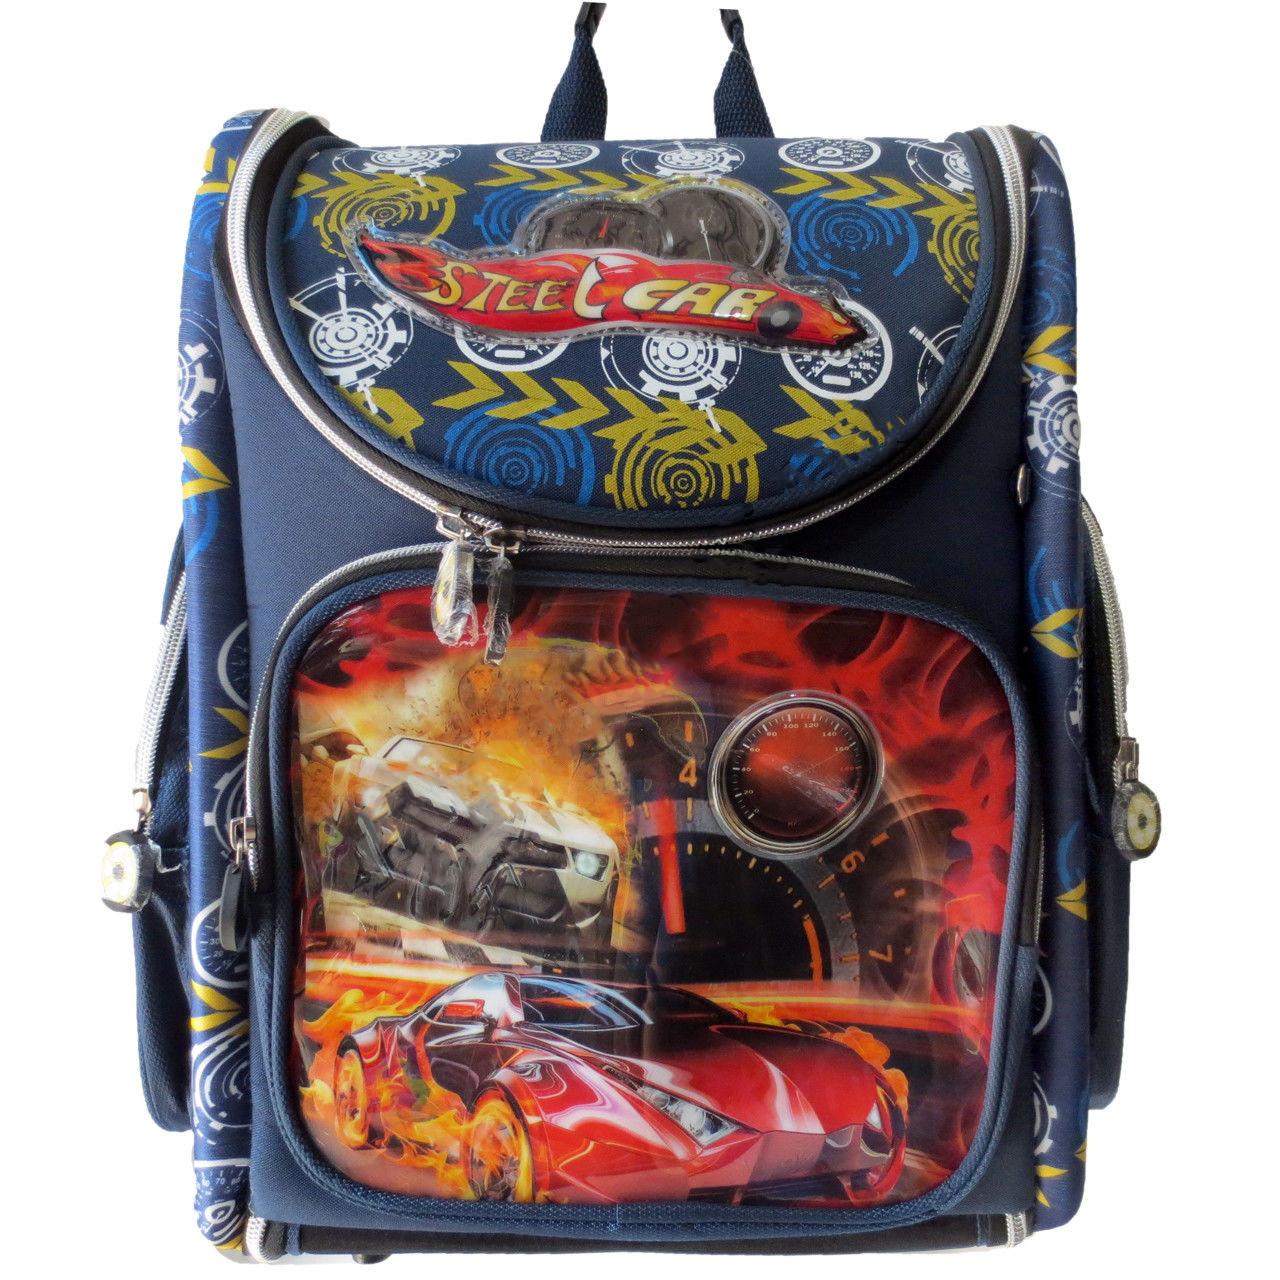 0c39f9ccb879 Школьный ранец для мальчиков. Ортопедический. ранец. Трансформер (ранец  расстегивается полностью).